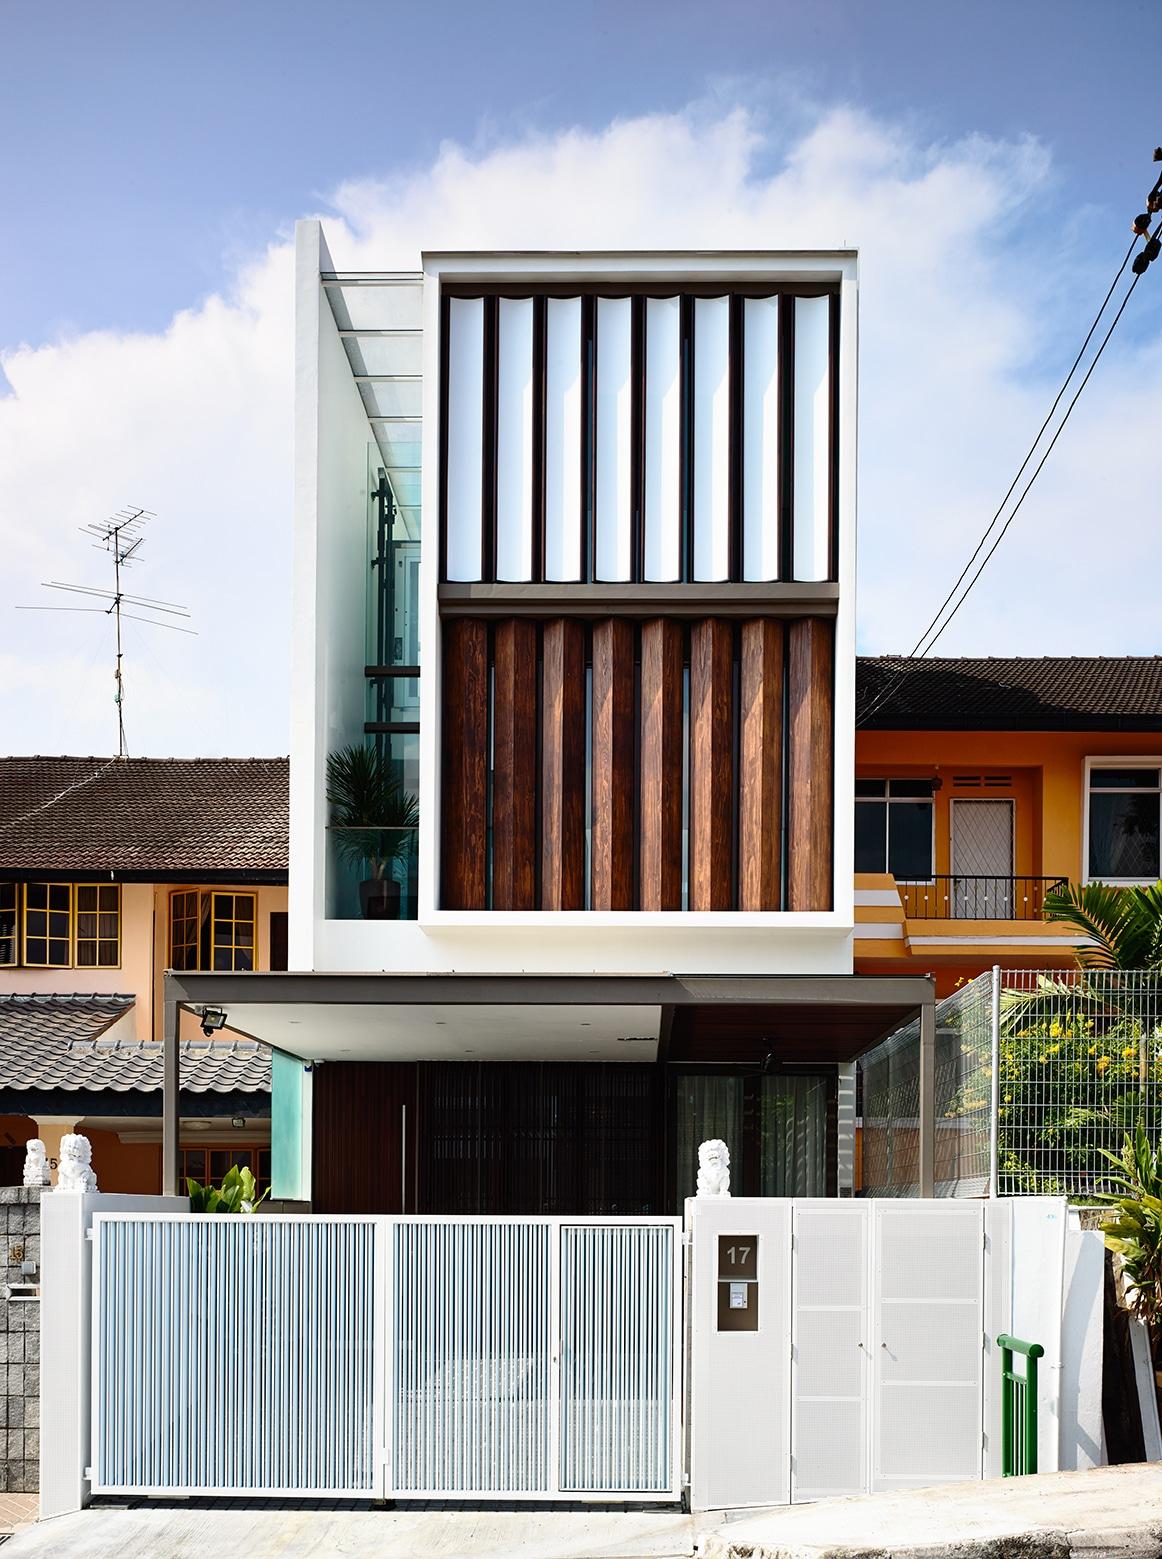 Planos de casa angosta y larga tres pisos Pisos para exteriores de casas modernas